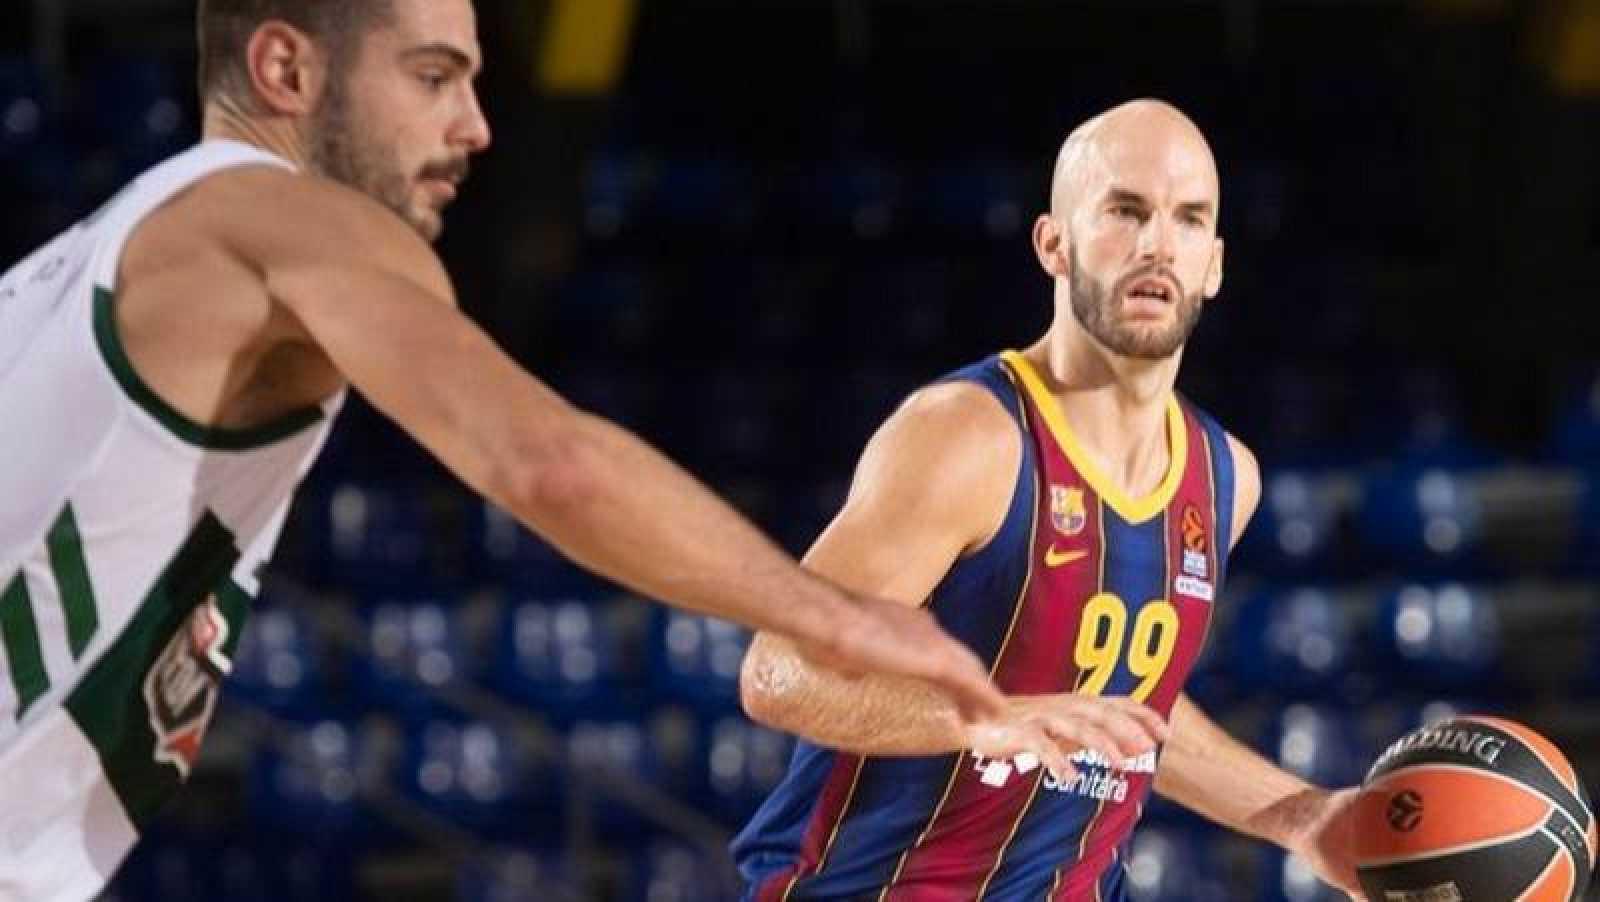 El jugador griego del FC Barcelona Nick Calathes dirige el juego de su equipo ante Panathinaikos.